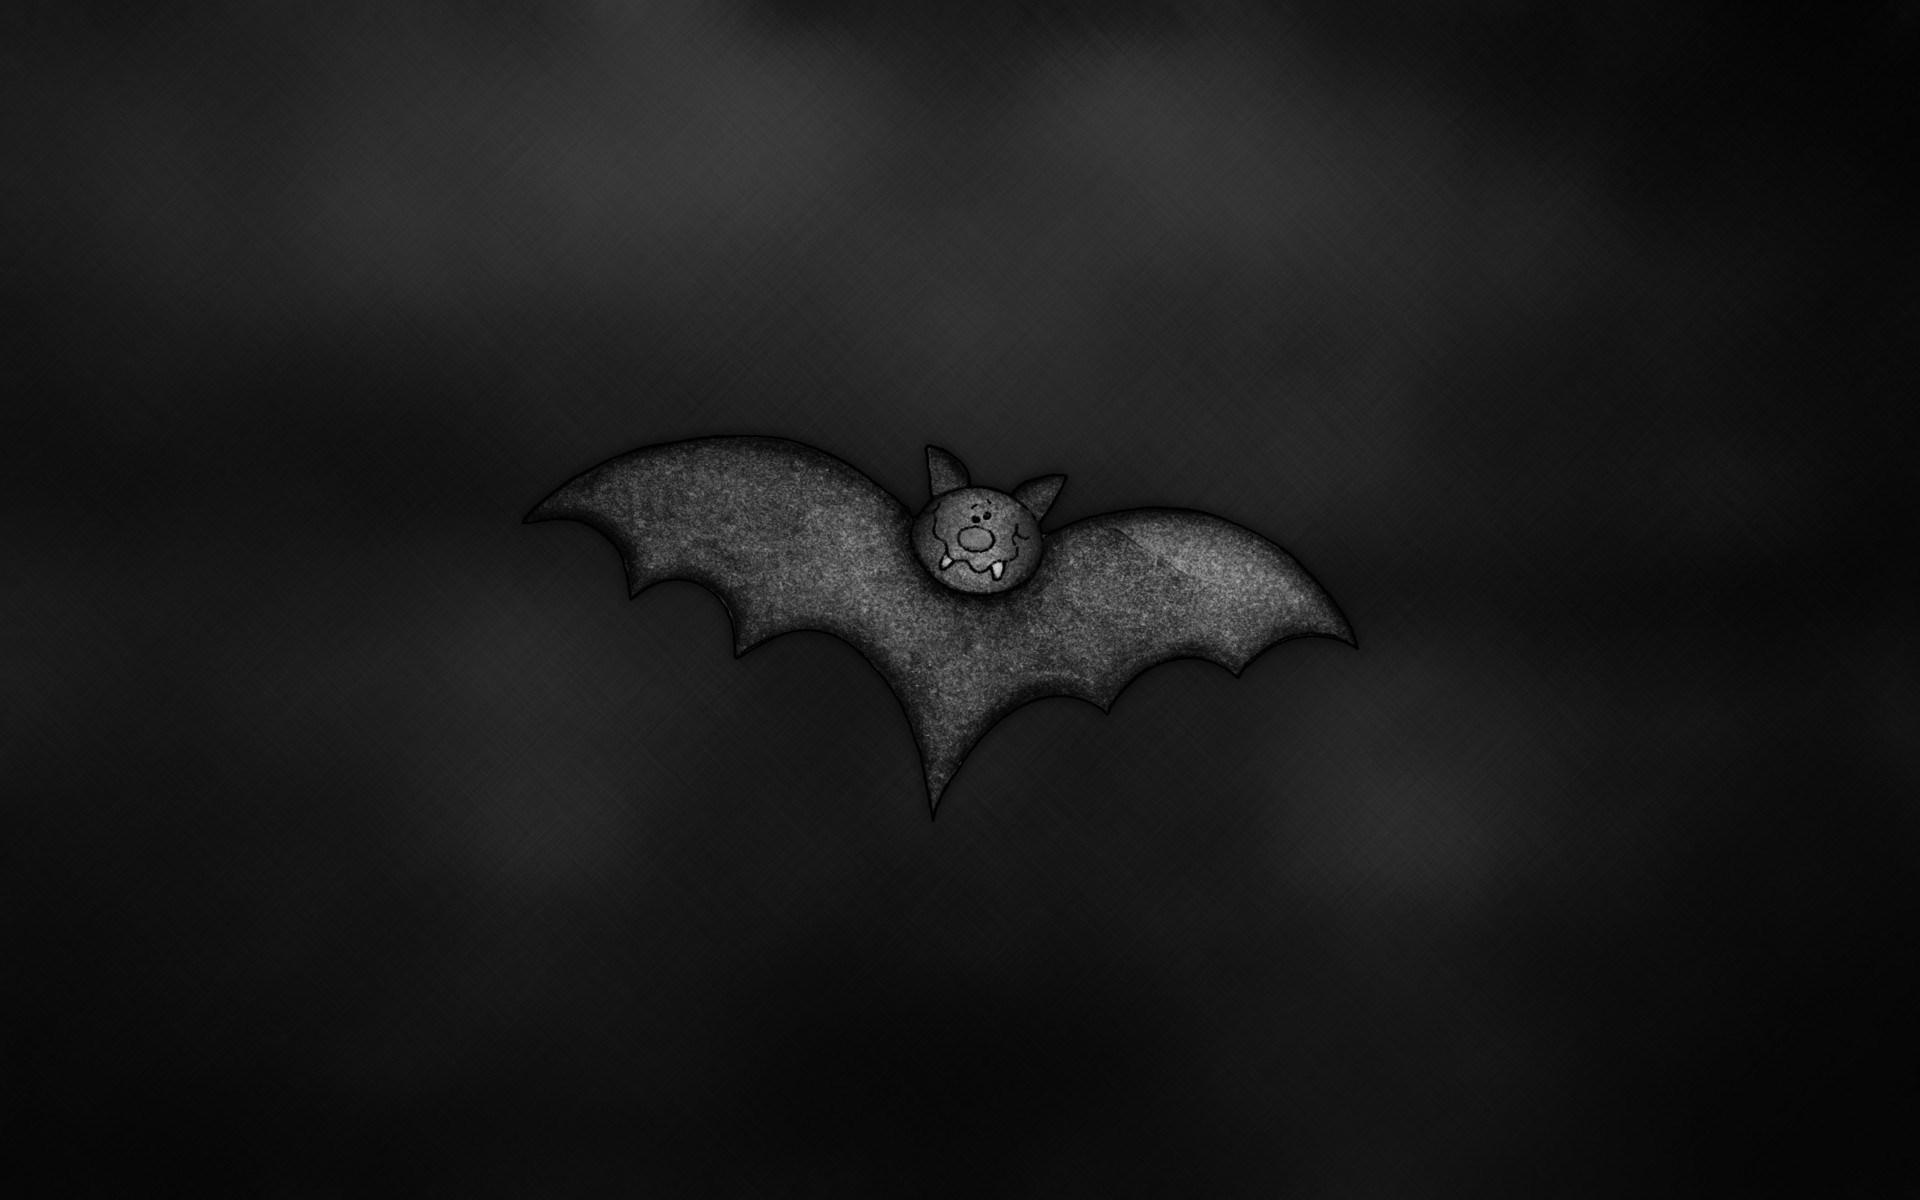 Bat Art Funny HD Wallpaper